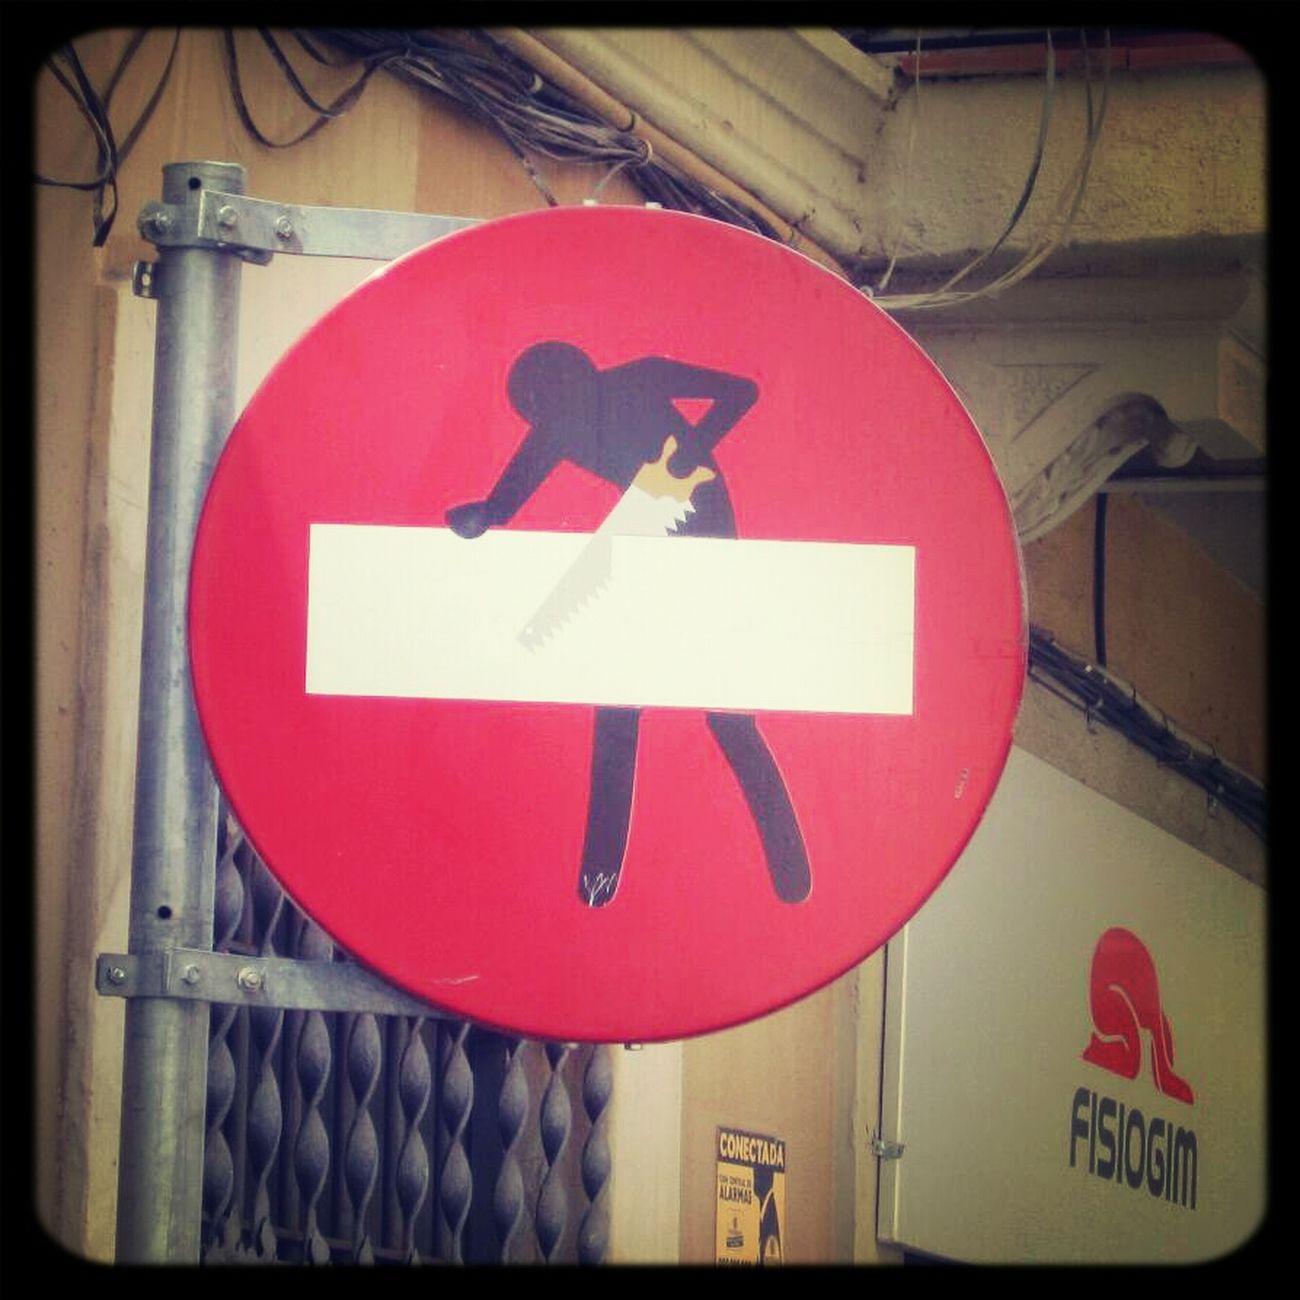 Verkehrszeichen in Barcelona